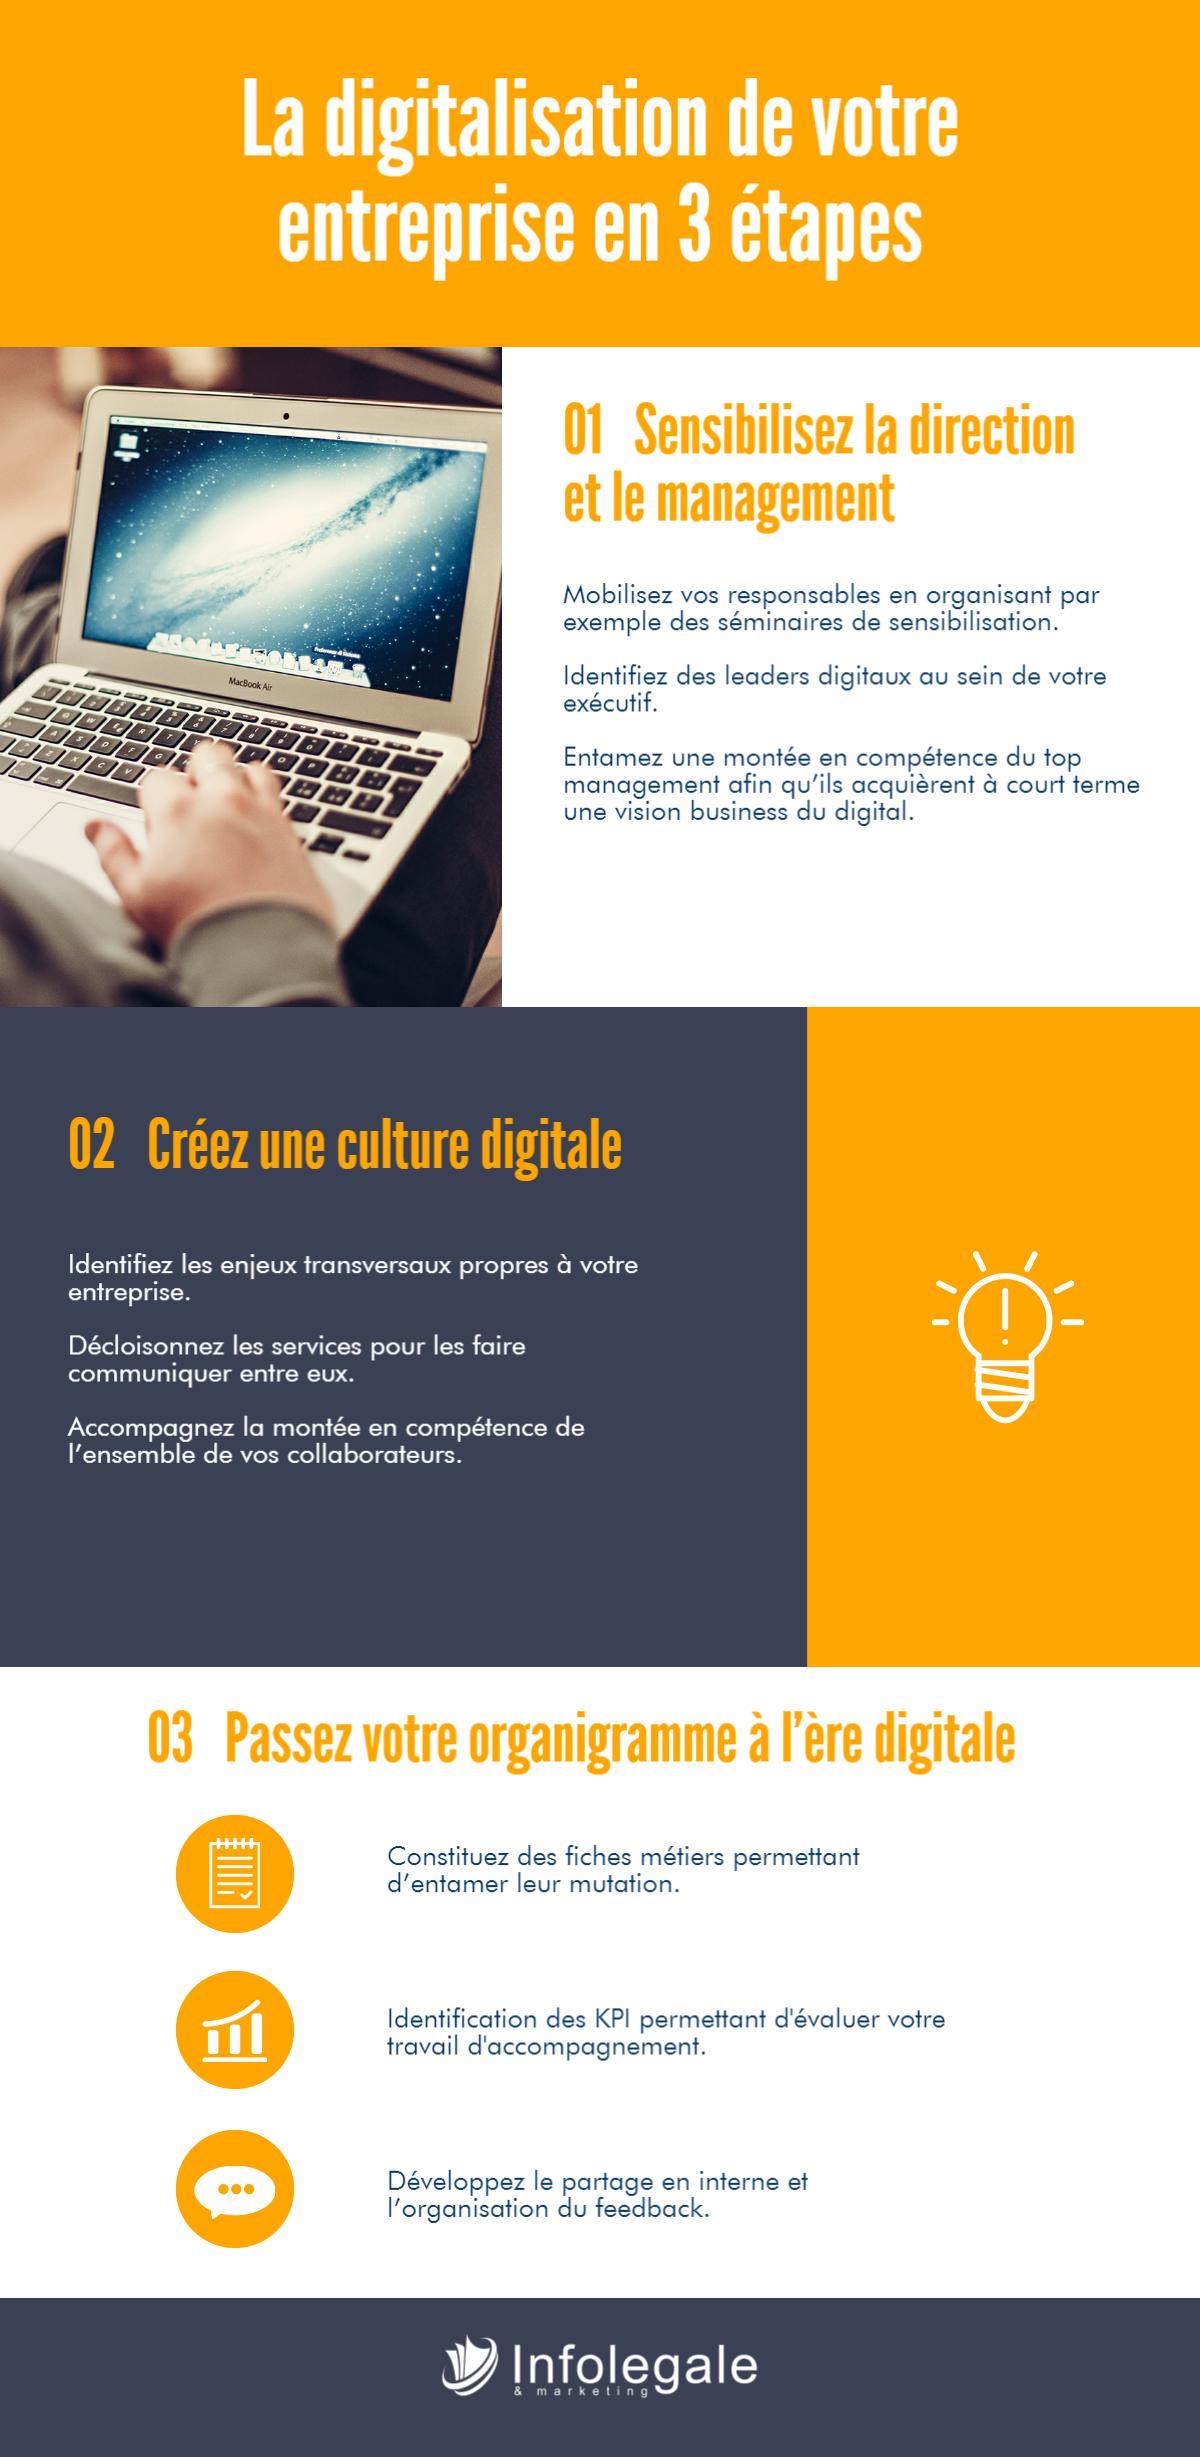 Digitaliser son entreprise en 3 étapes